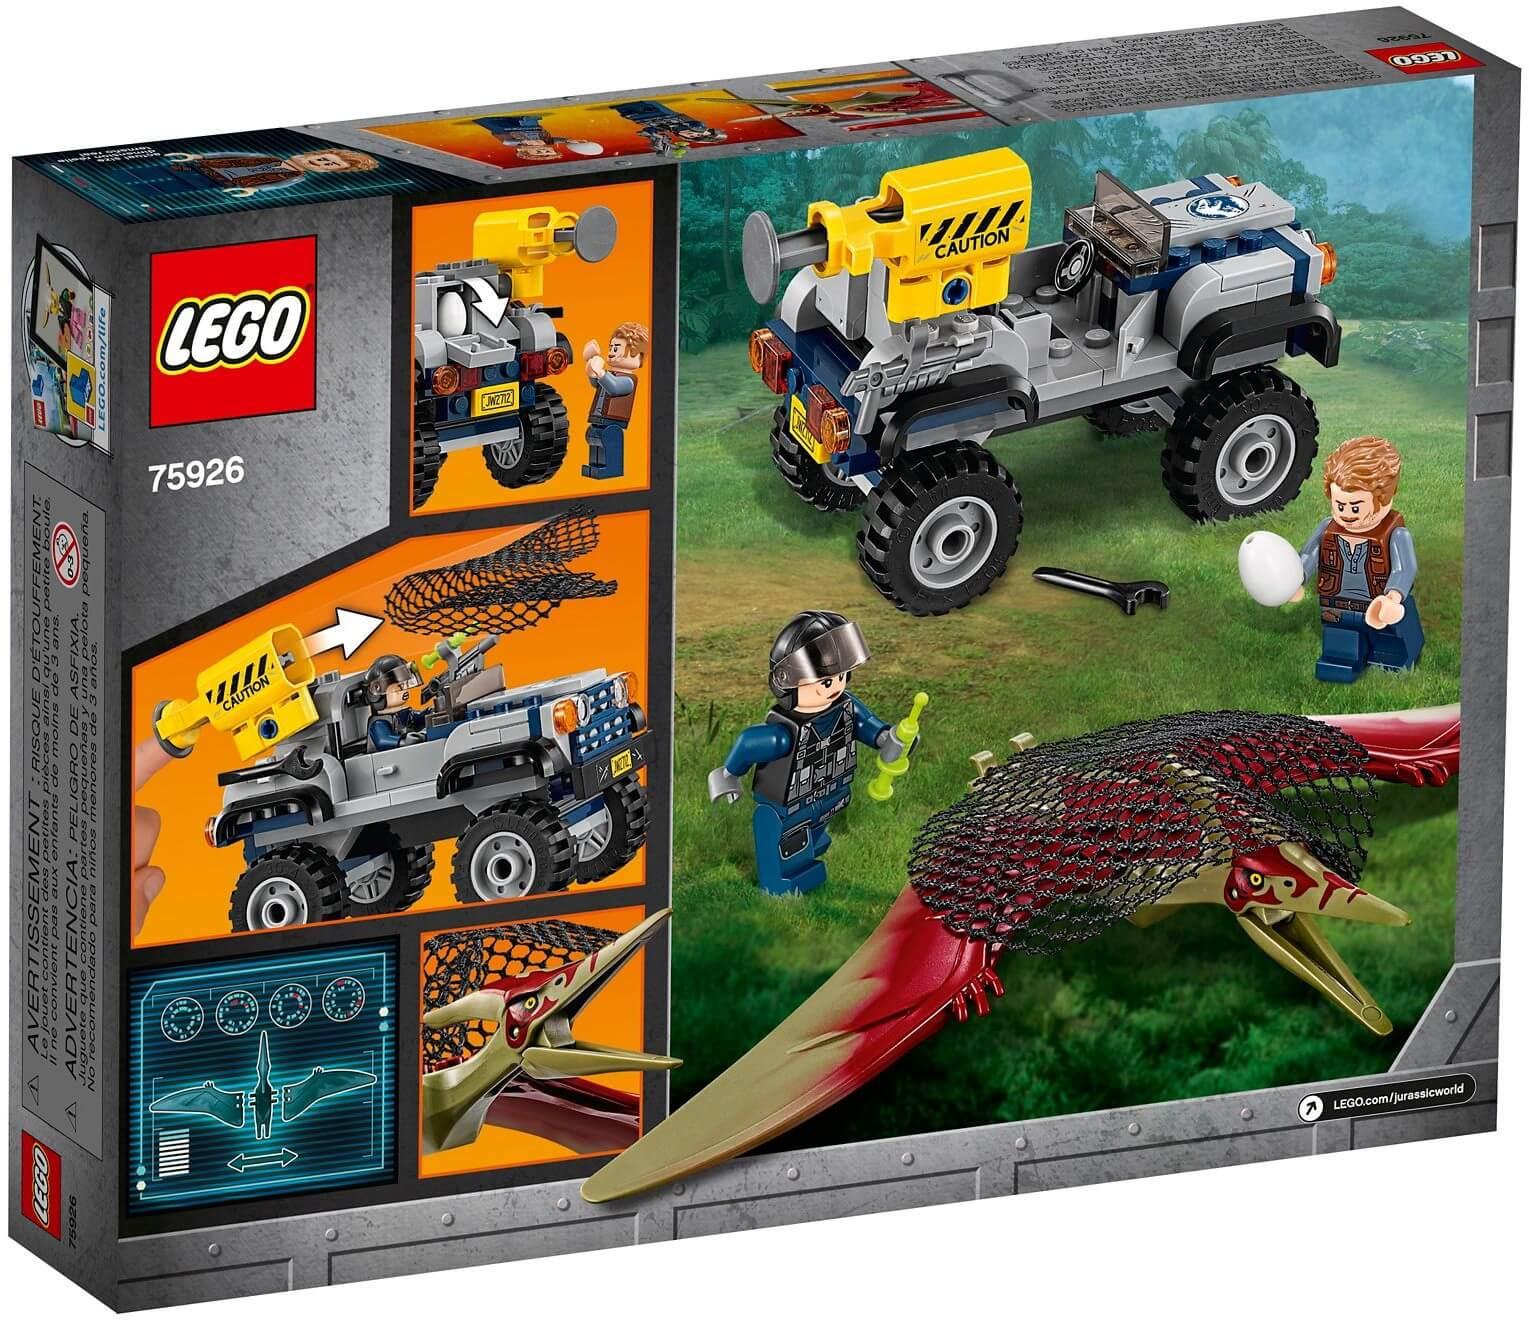 Mua đồ chơi LEGO 75926 - LEGO Khủng Long Jurassic World 75926 - Biệt đội truy bắt Khủng long bay Pteranodon (LEGO 75926 Pteranodon Chase)